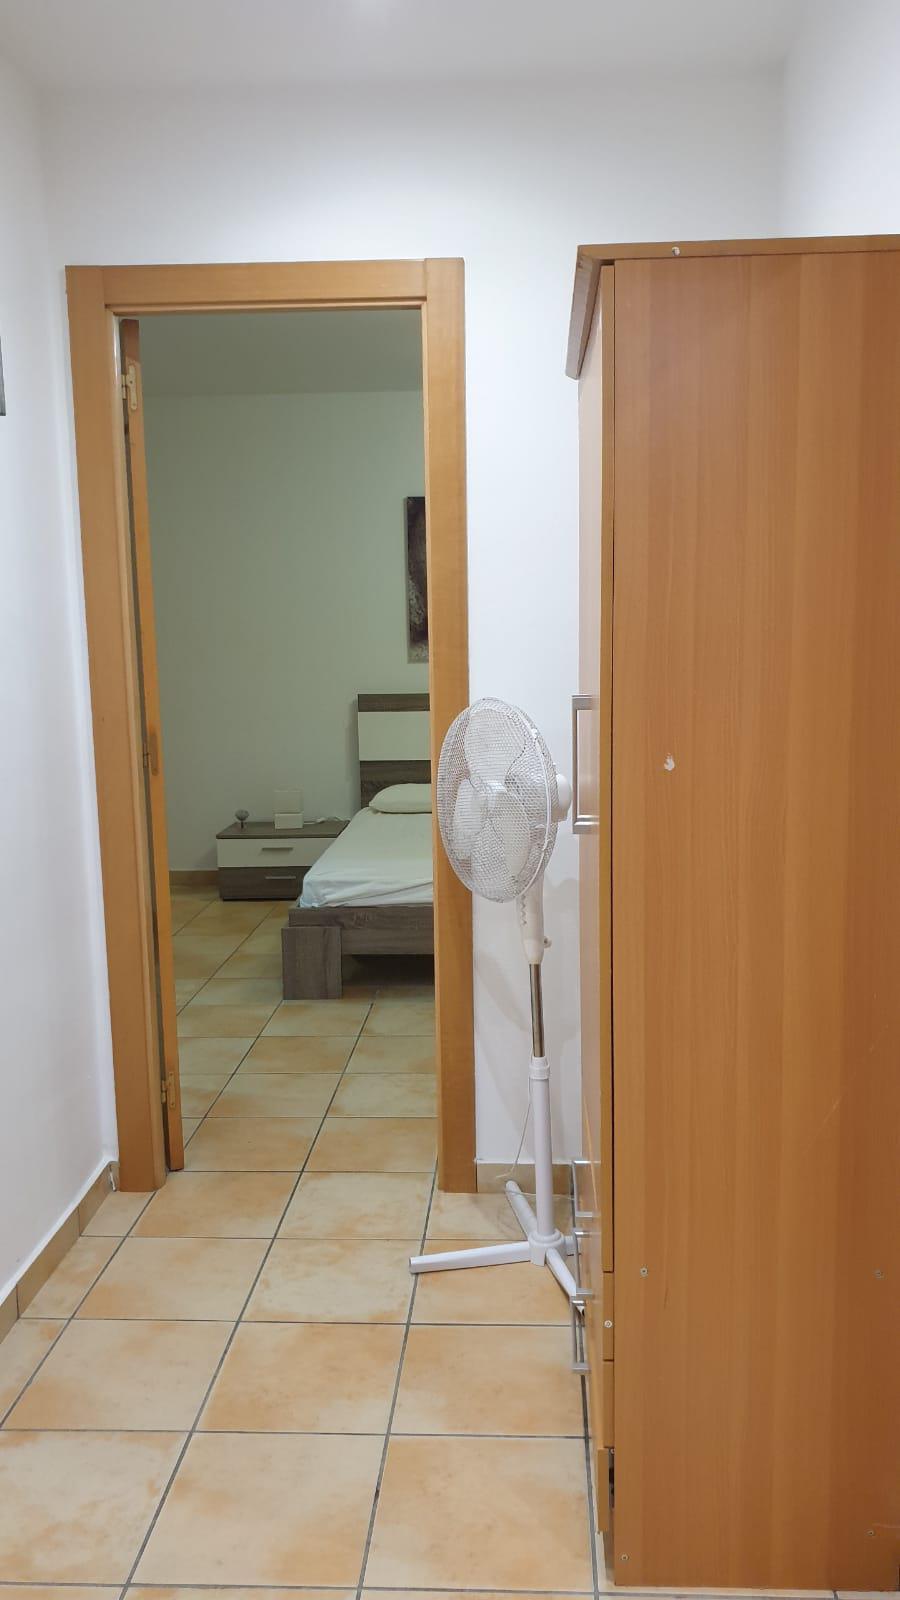 Imagen 2 Piso en venta en Badalona / A cinco minutos del acceso B20, C32.